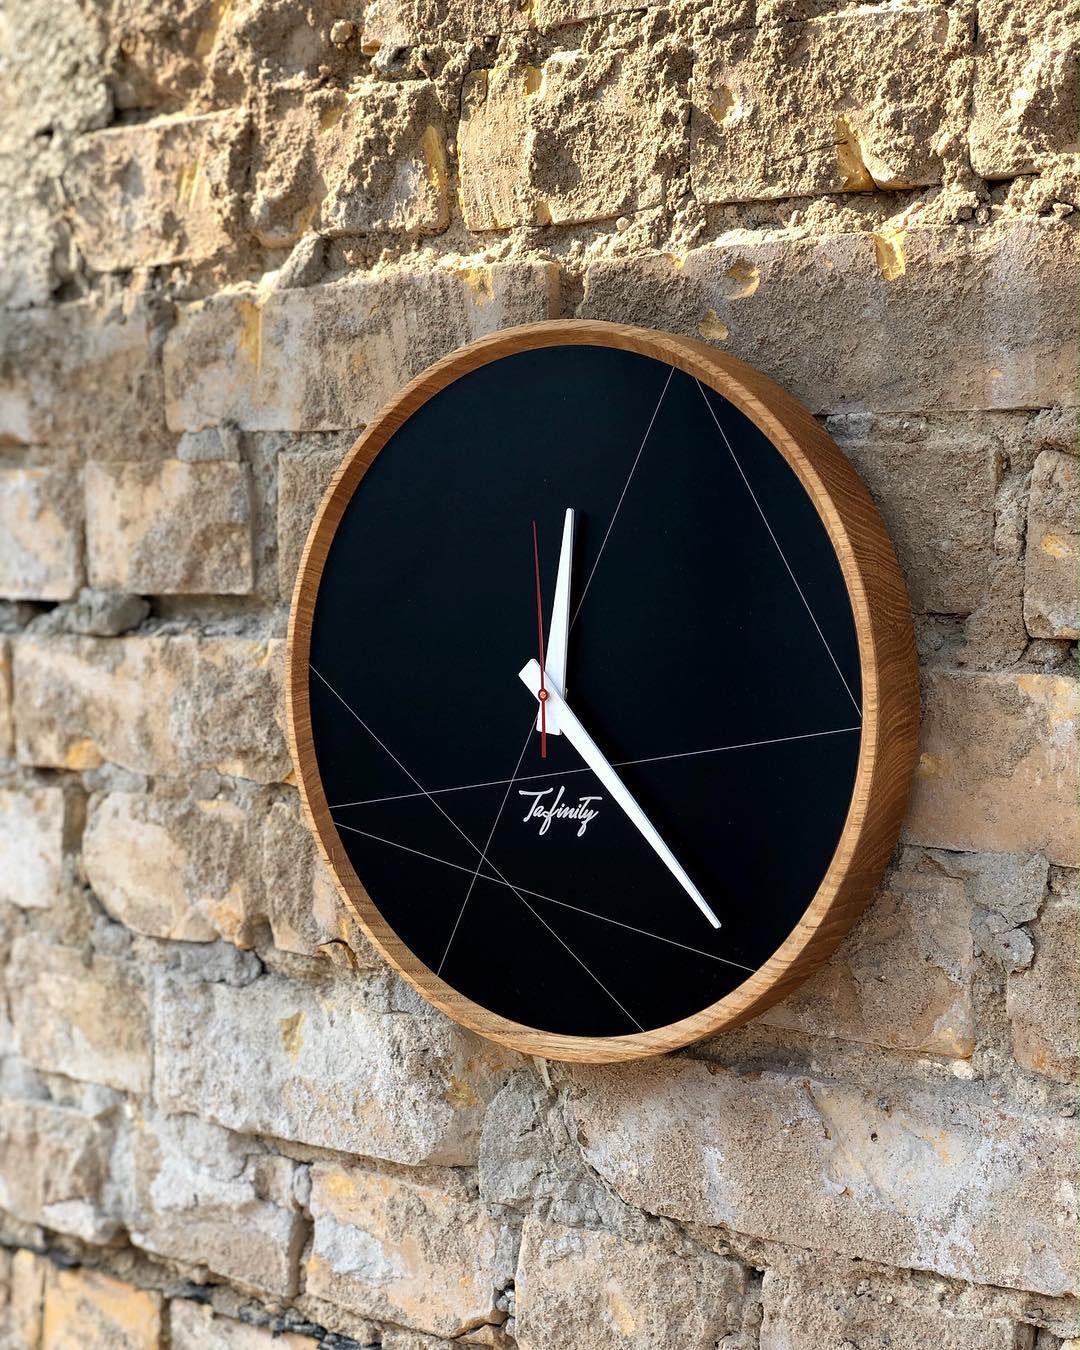 Dezain Interior Design Shop On Instagram Zeit Für Eine Neue Wanduhr Hinter Wanduhren Aus Holz Des Labels Huamet Tafinity St Wanduhr Holz Wanduhr Wanduhren